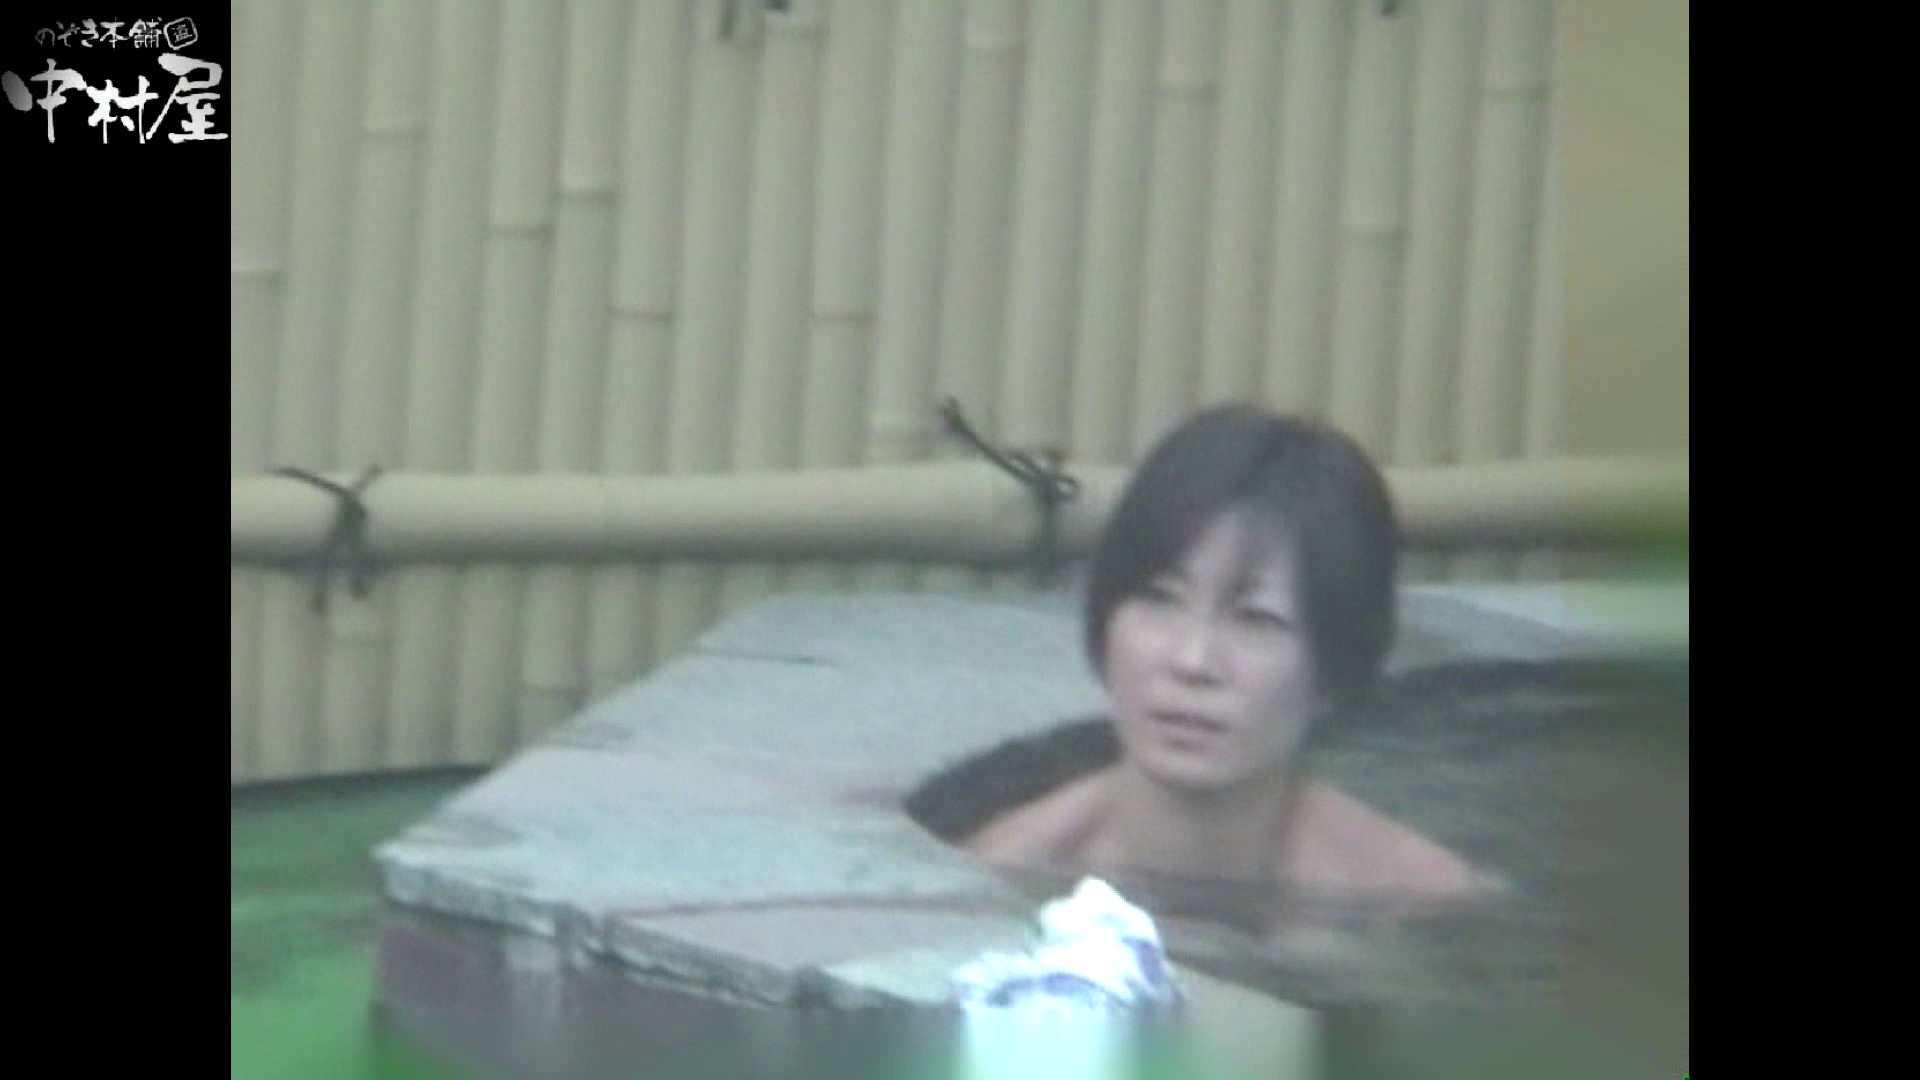 Aquaな露天風呂Vol.972 OLのエロ生活  105連発 60